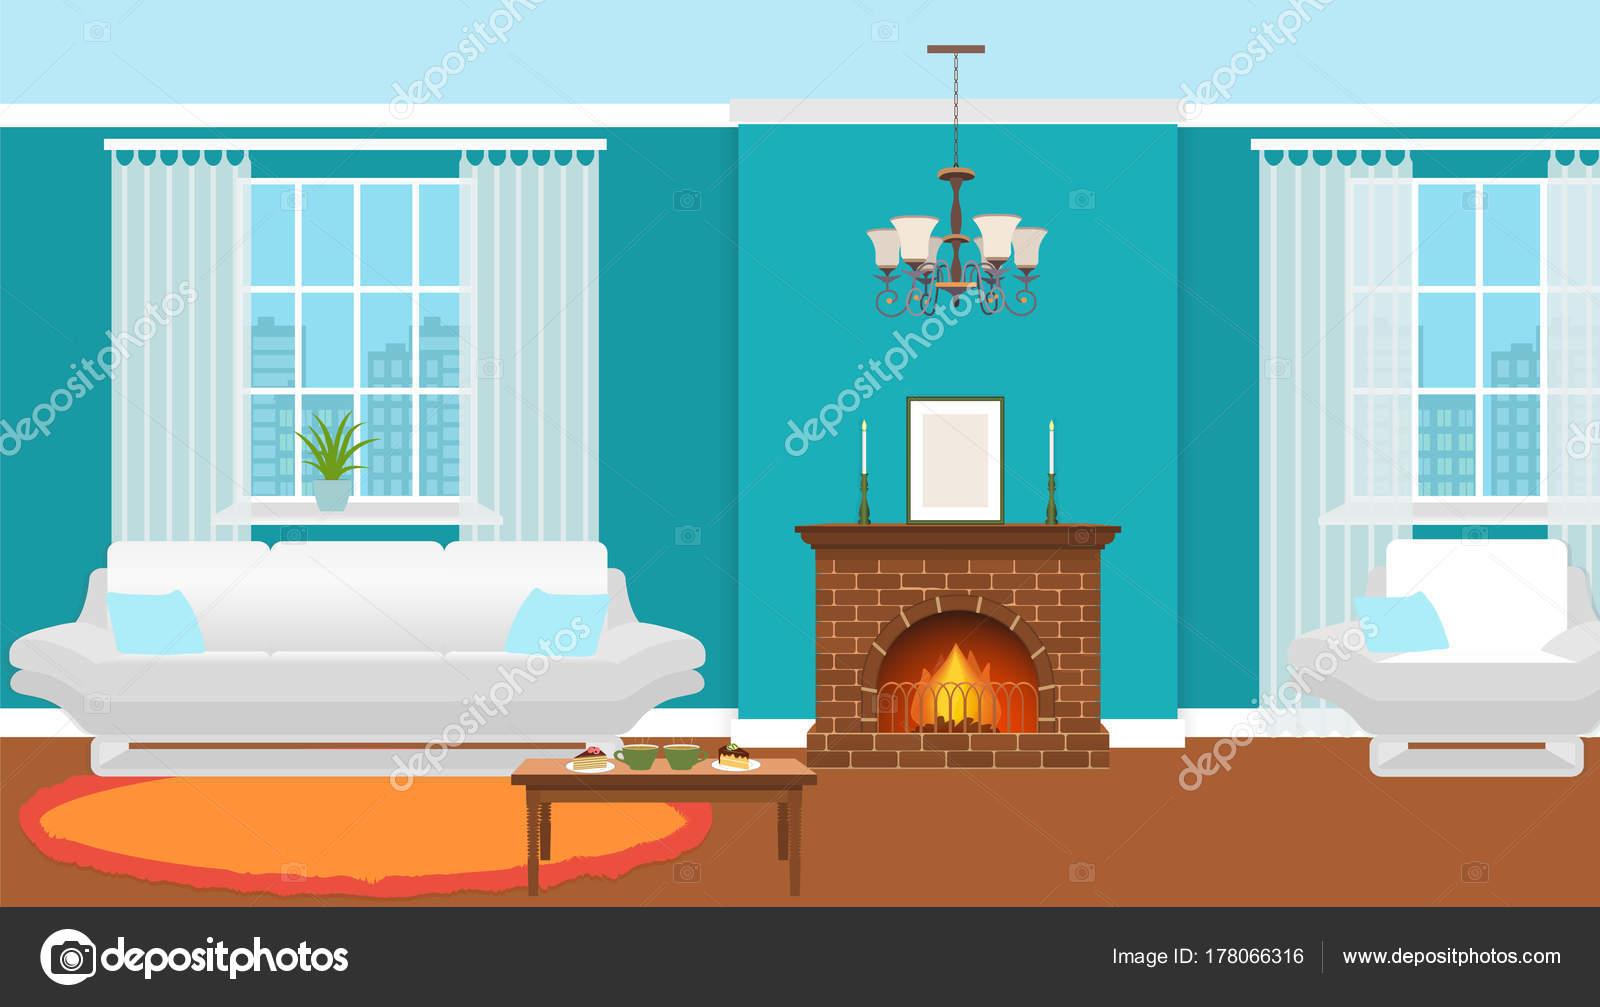 Wohnzimmer eingerichtet mit Kamin, Möbel und Fenster. Wohnraum ...